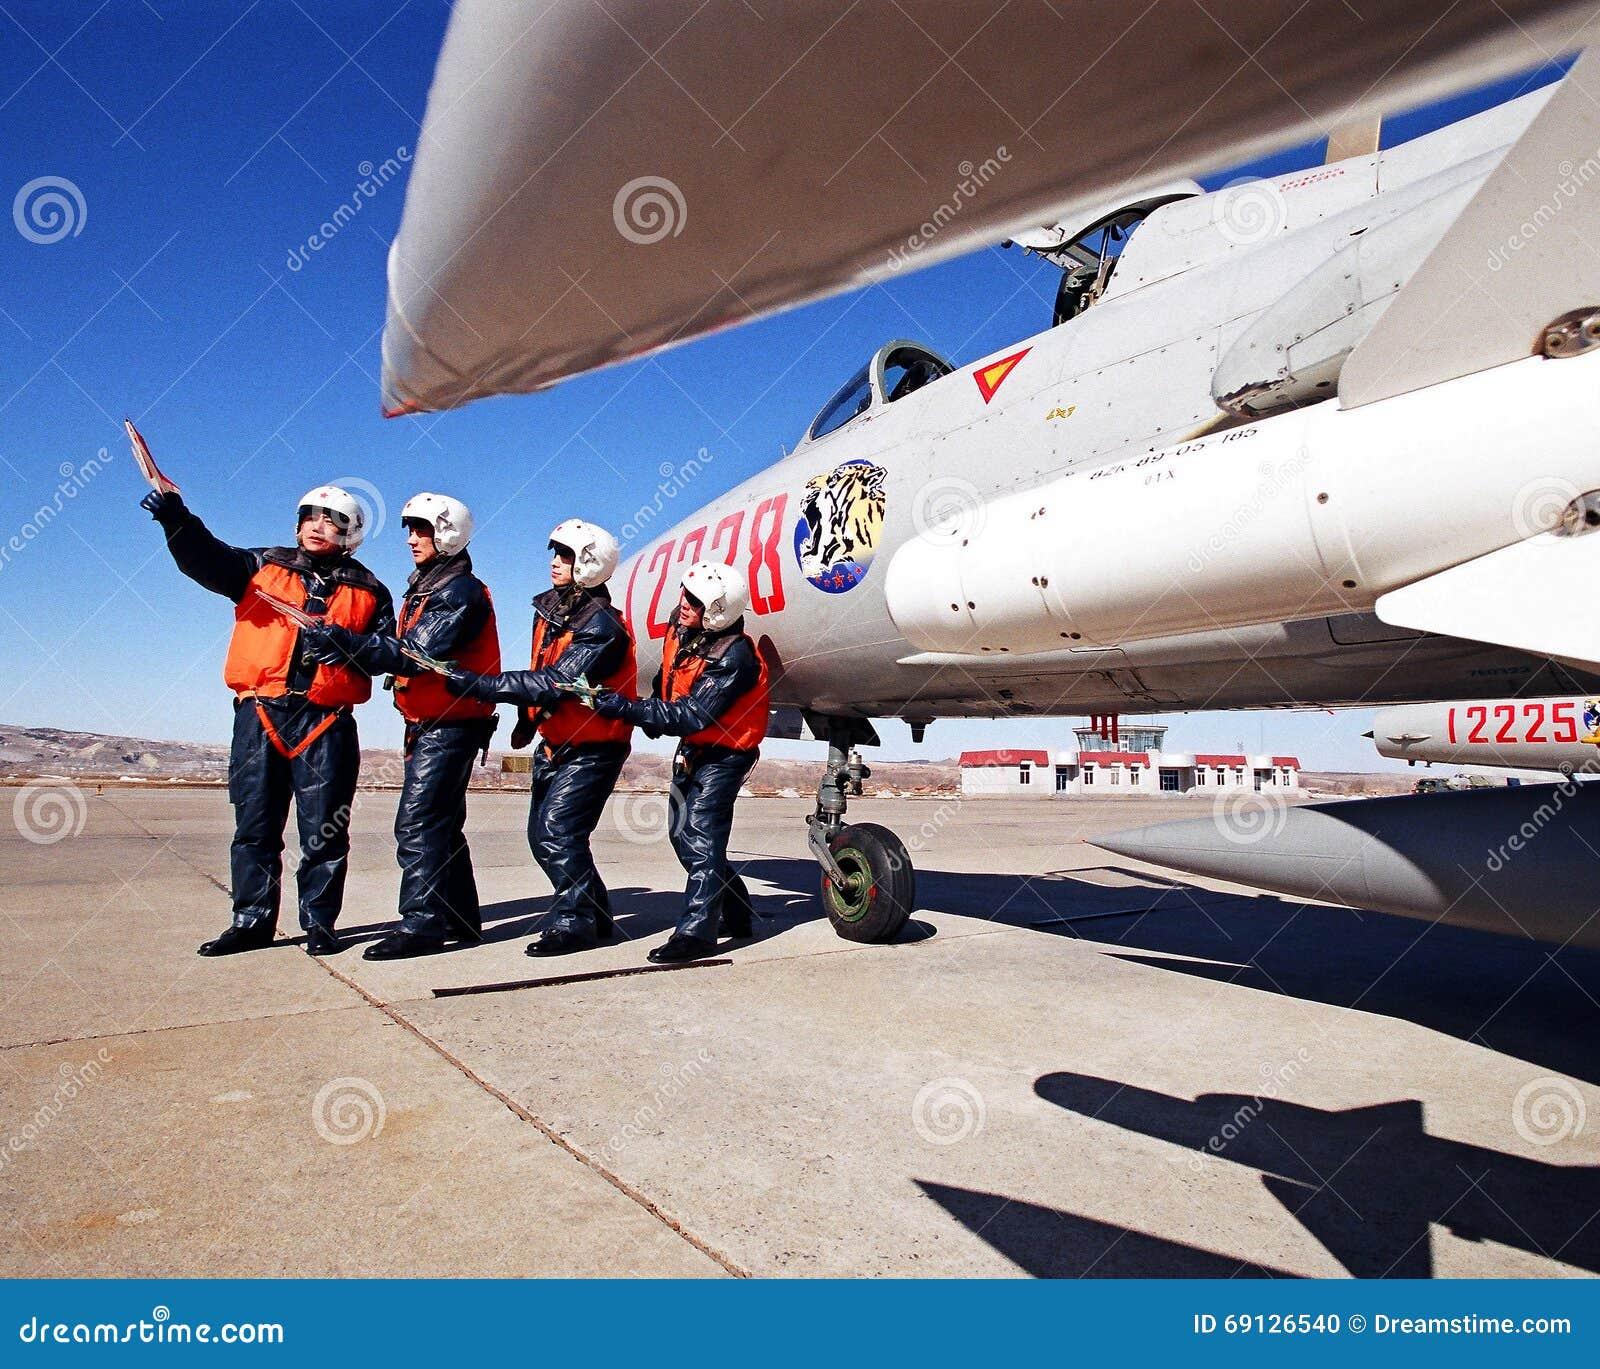 在蓝天下,一个军事机场,四在战斗机八航空器飞行模仿训练旁边的飞行员